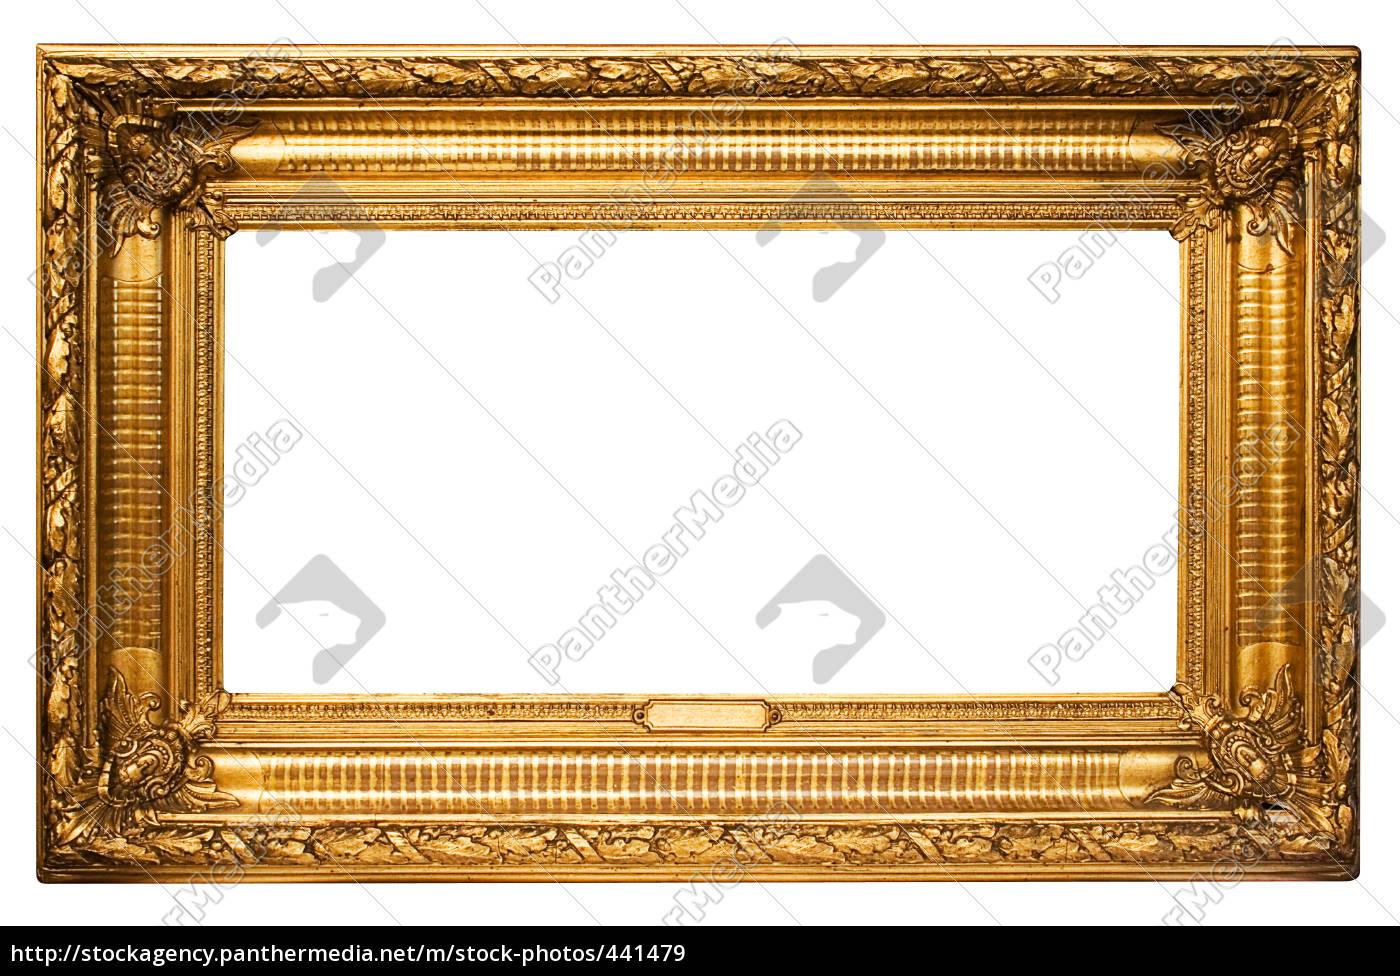 Goldener Rahmen mit Textfeld - Lizenzfreies Bild - #441479 ...